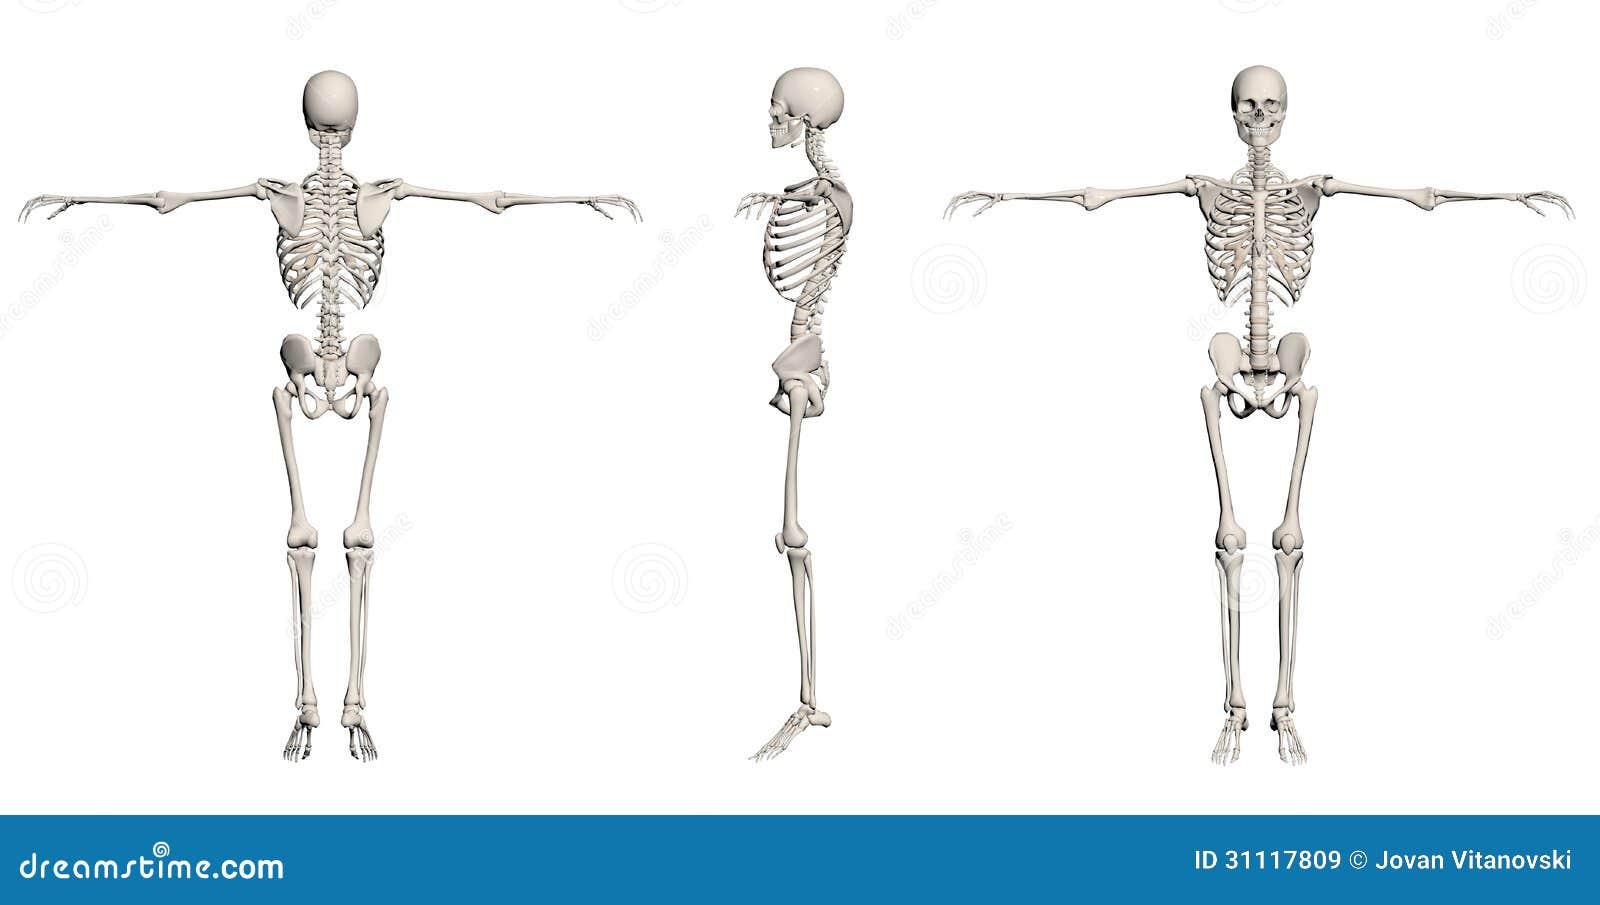 Menschliches Skelett - Mann Stock Abbildung - Illustration von ...